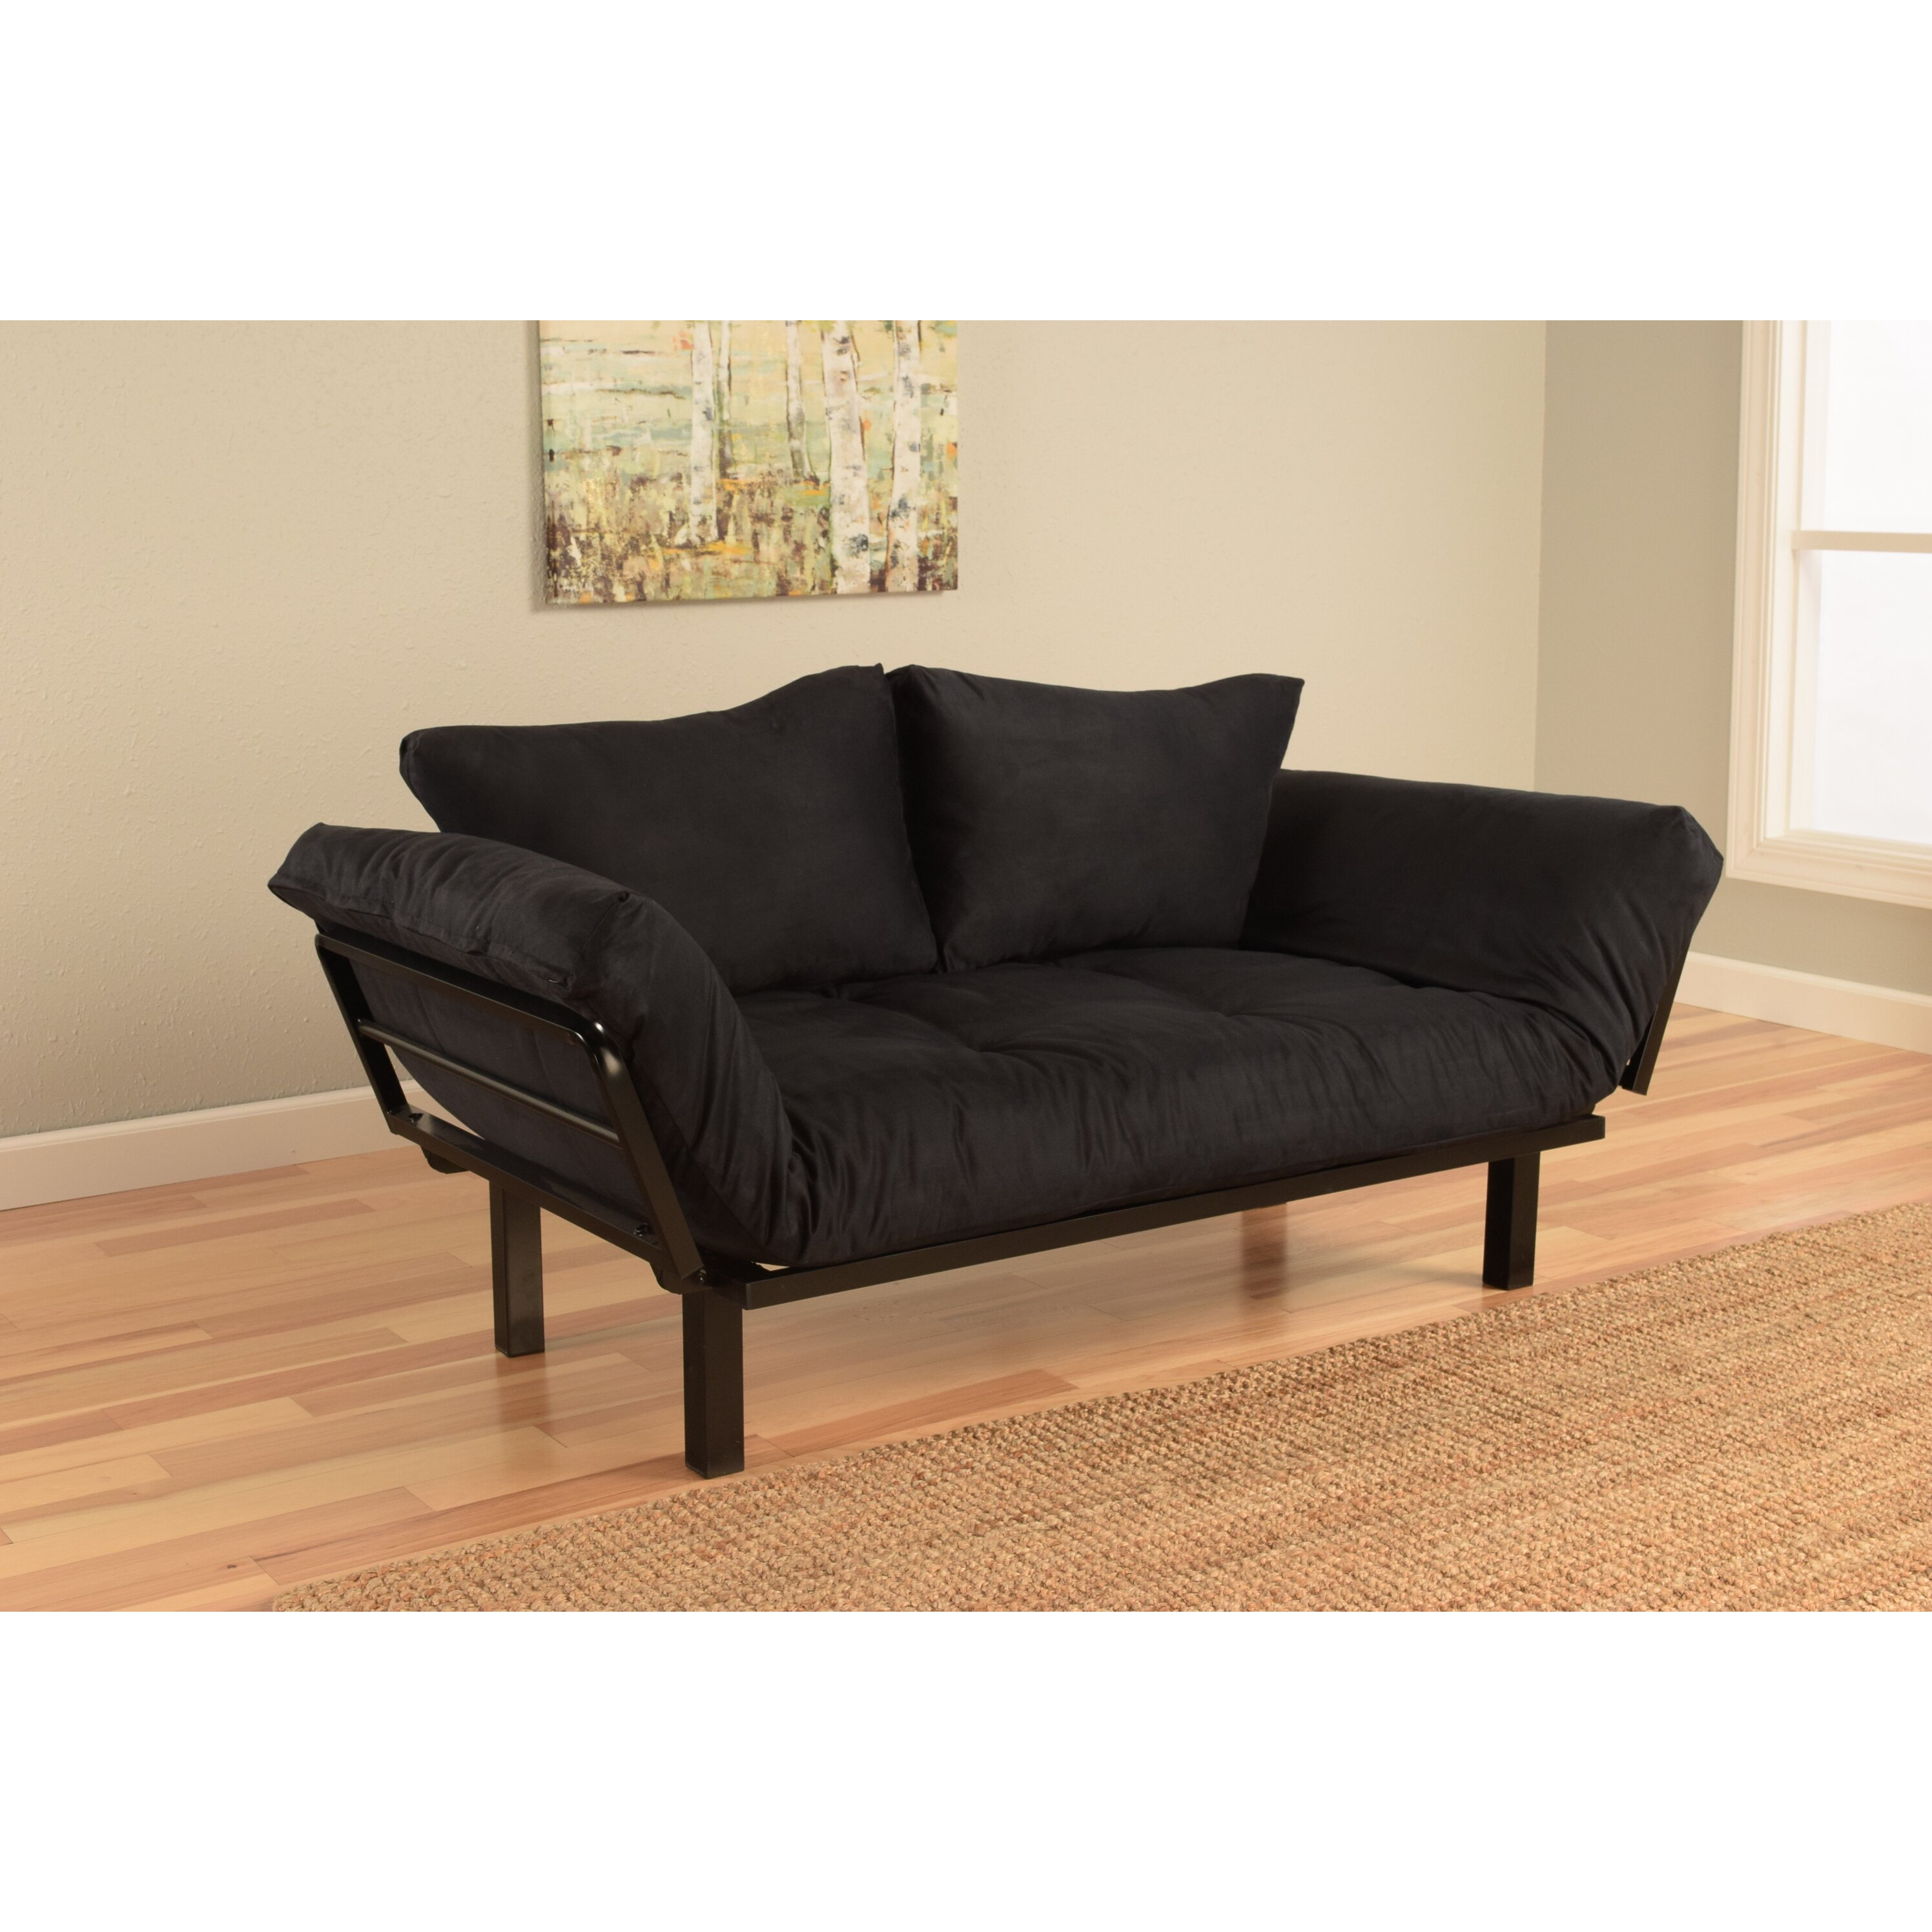 lounger futon